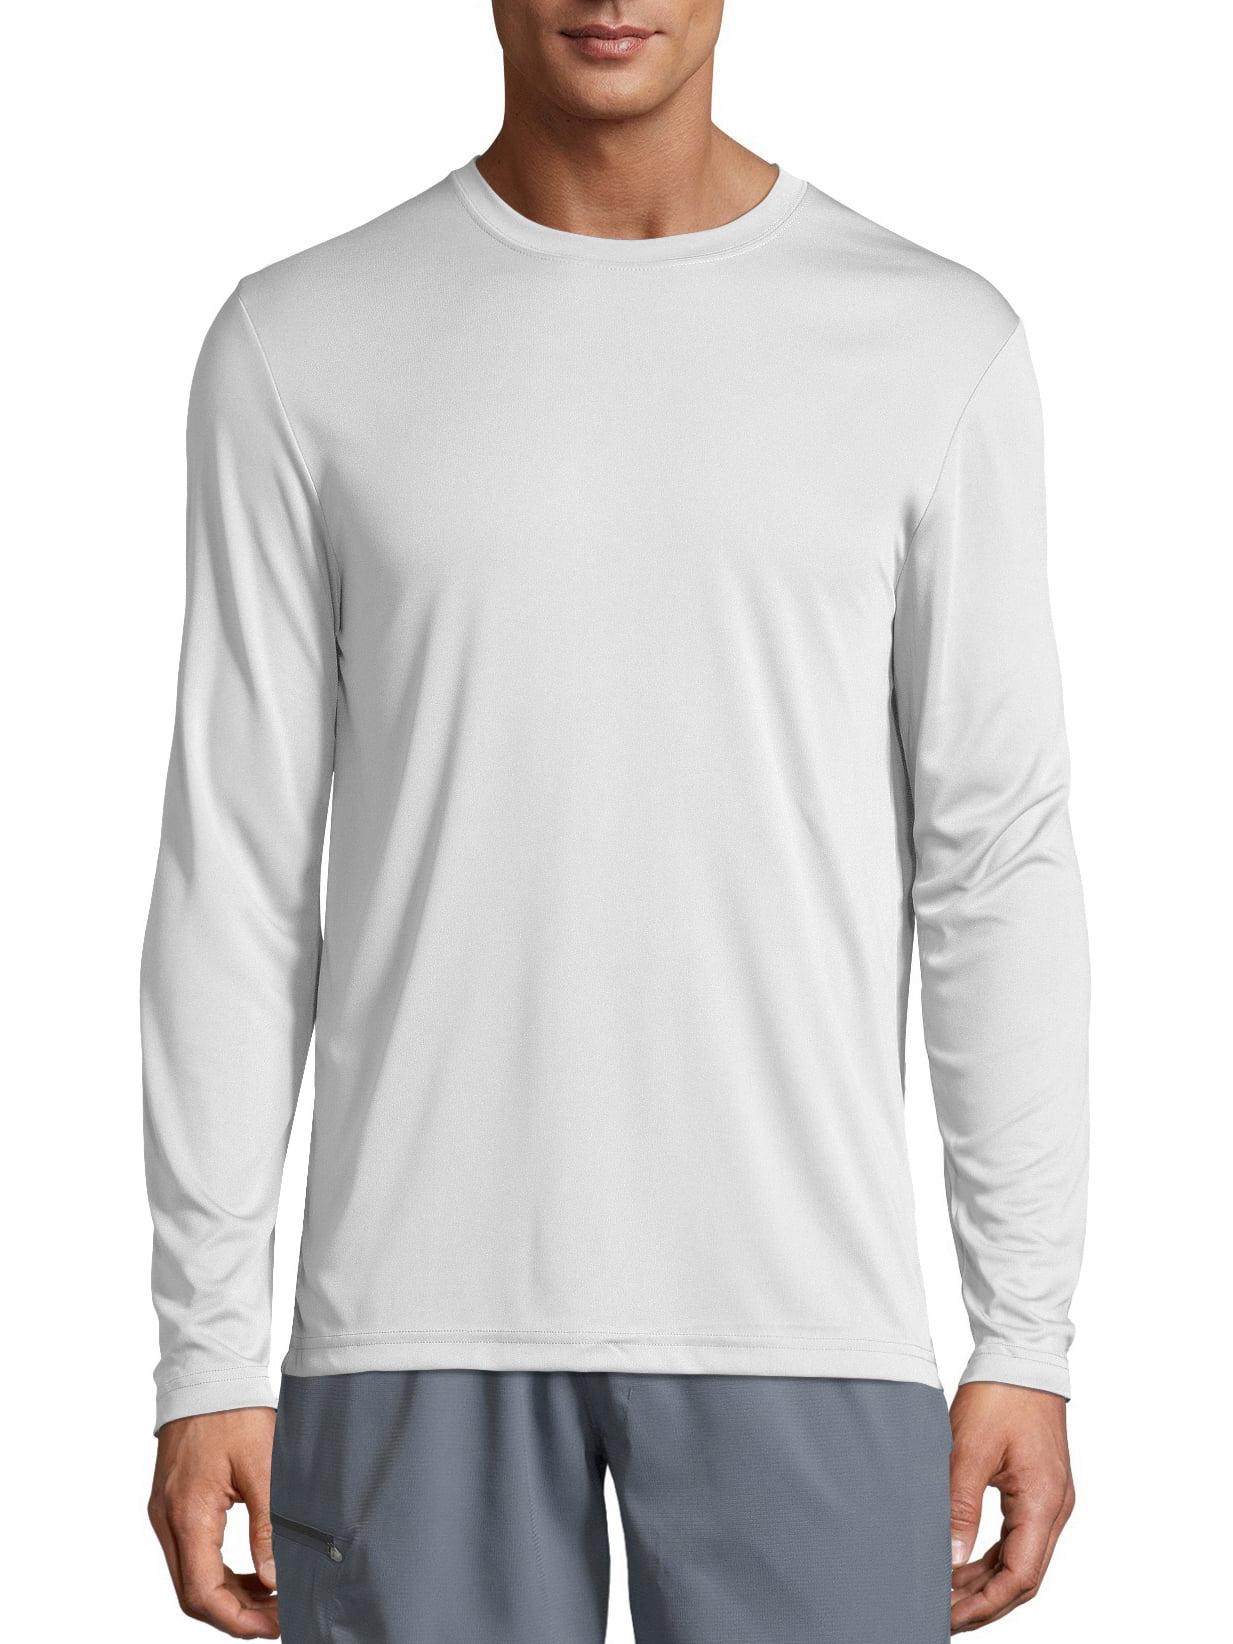 24e46f4b52d Hanes - Hanes Sport Mens Cool DRI Performance Long Sleeve Tshirt (50+ UPF)  - Walmart.com